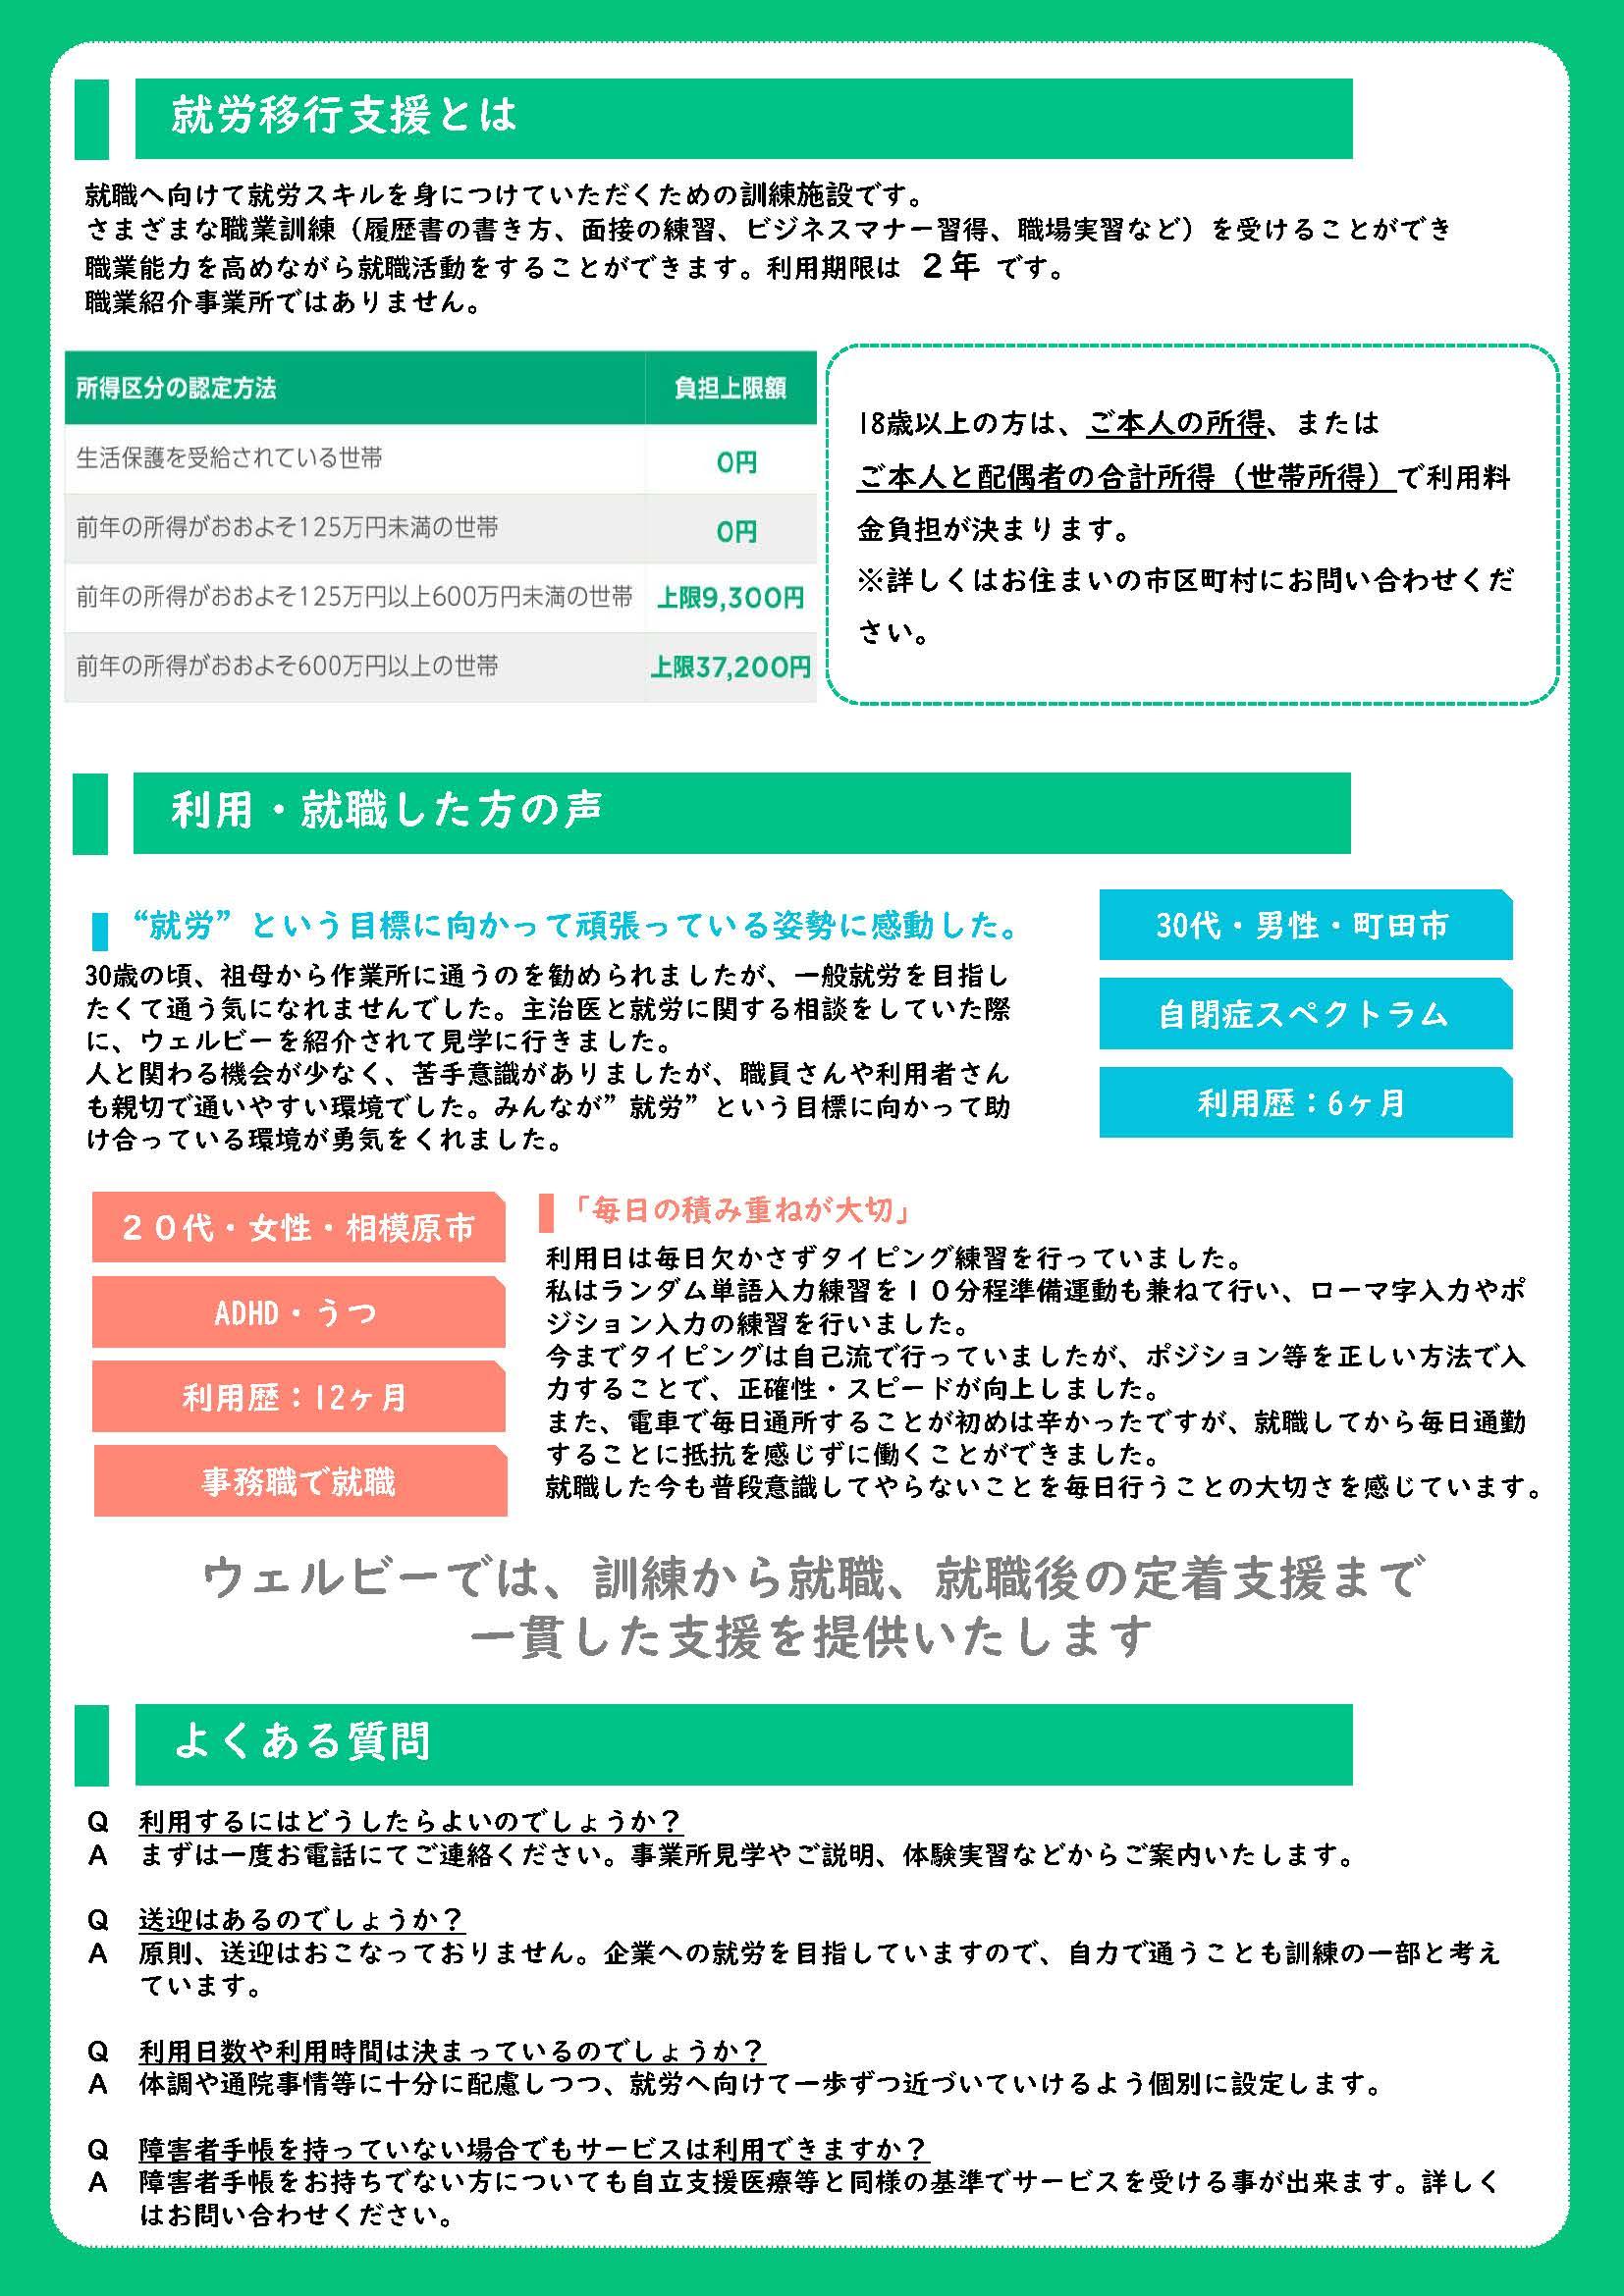 追客用チラシ20201111-0121_ページ_2